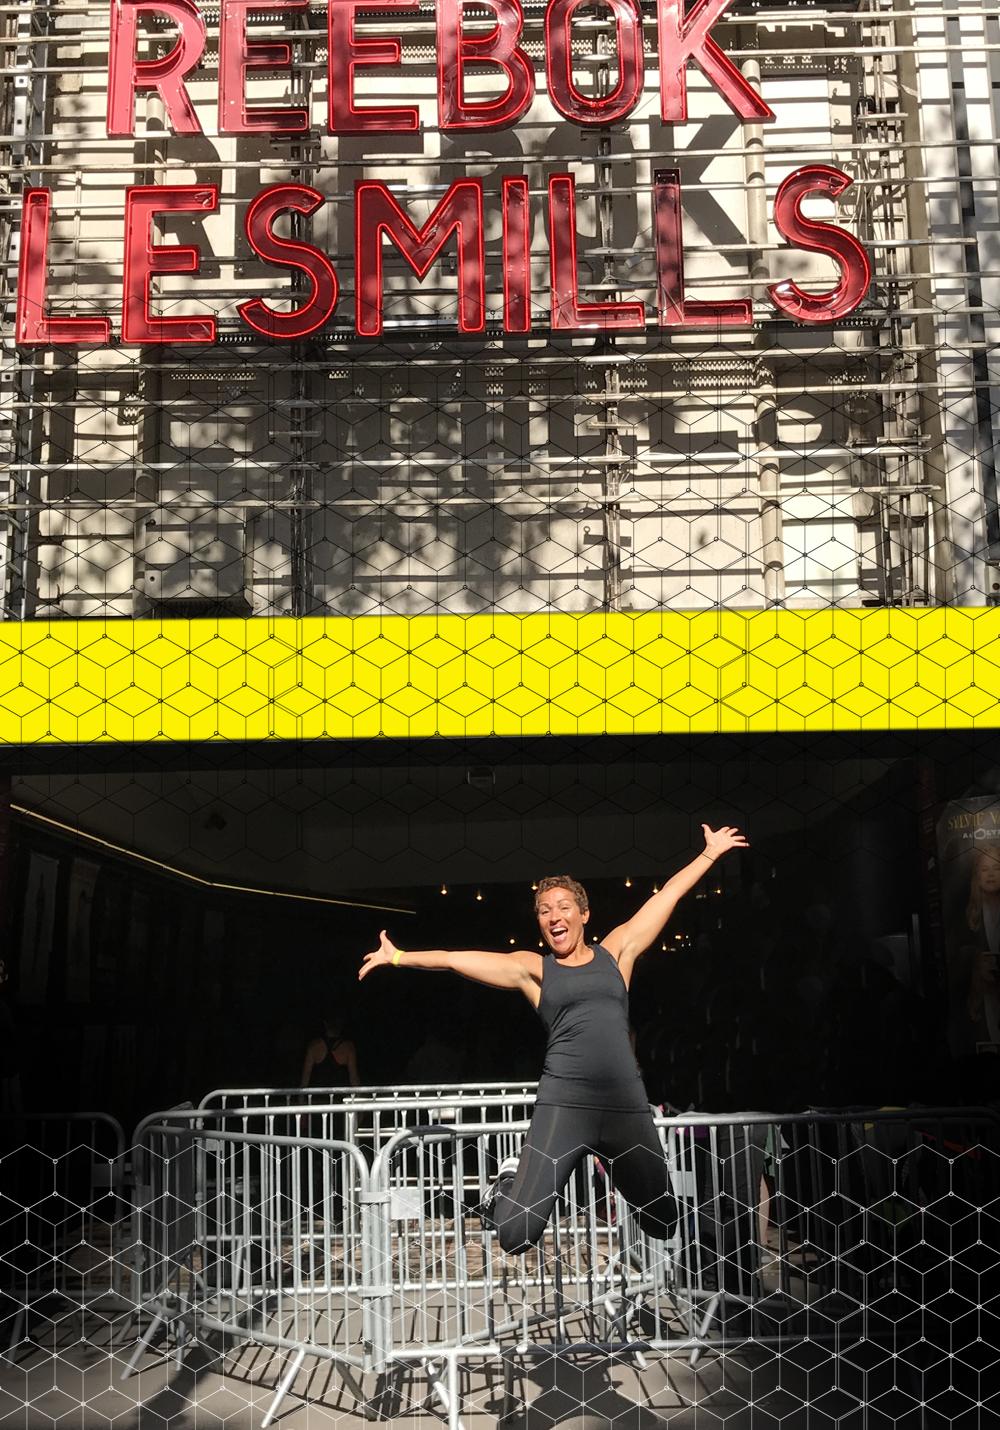 Air Chic Design:disque externe:EXOChic:1 -POSTS:1 - ARTICLES:2017:10 - OCTOBRE:LES MILLS:visuels blog:Nouveau dossier contenant des éléments:Reebok Les Mills Live Olympia exochic 7.jpg